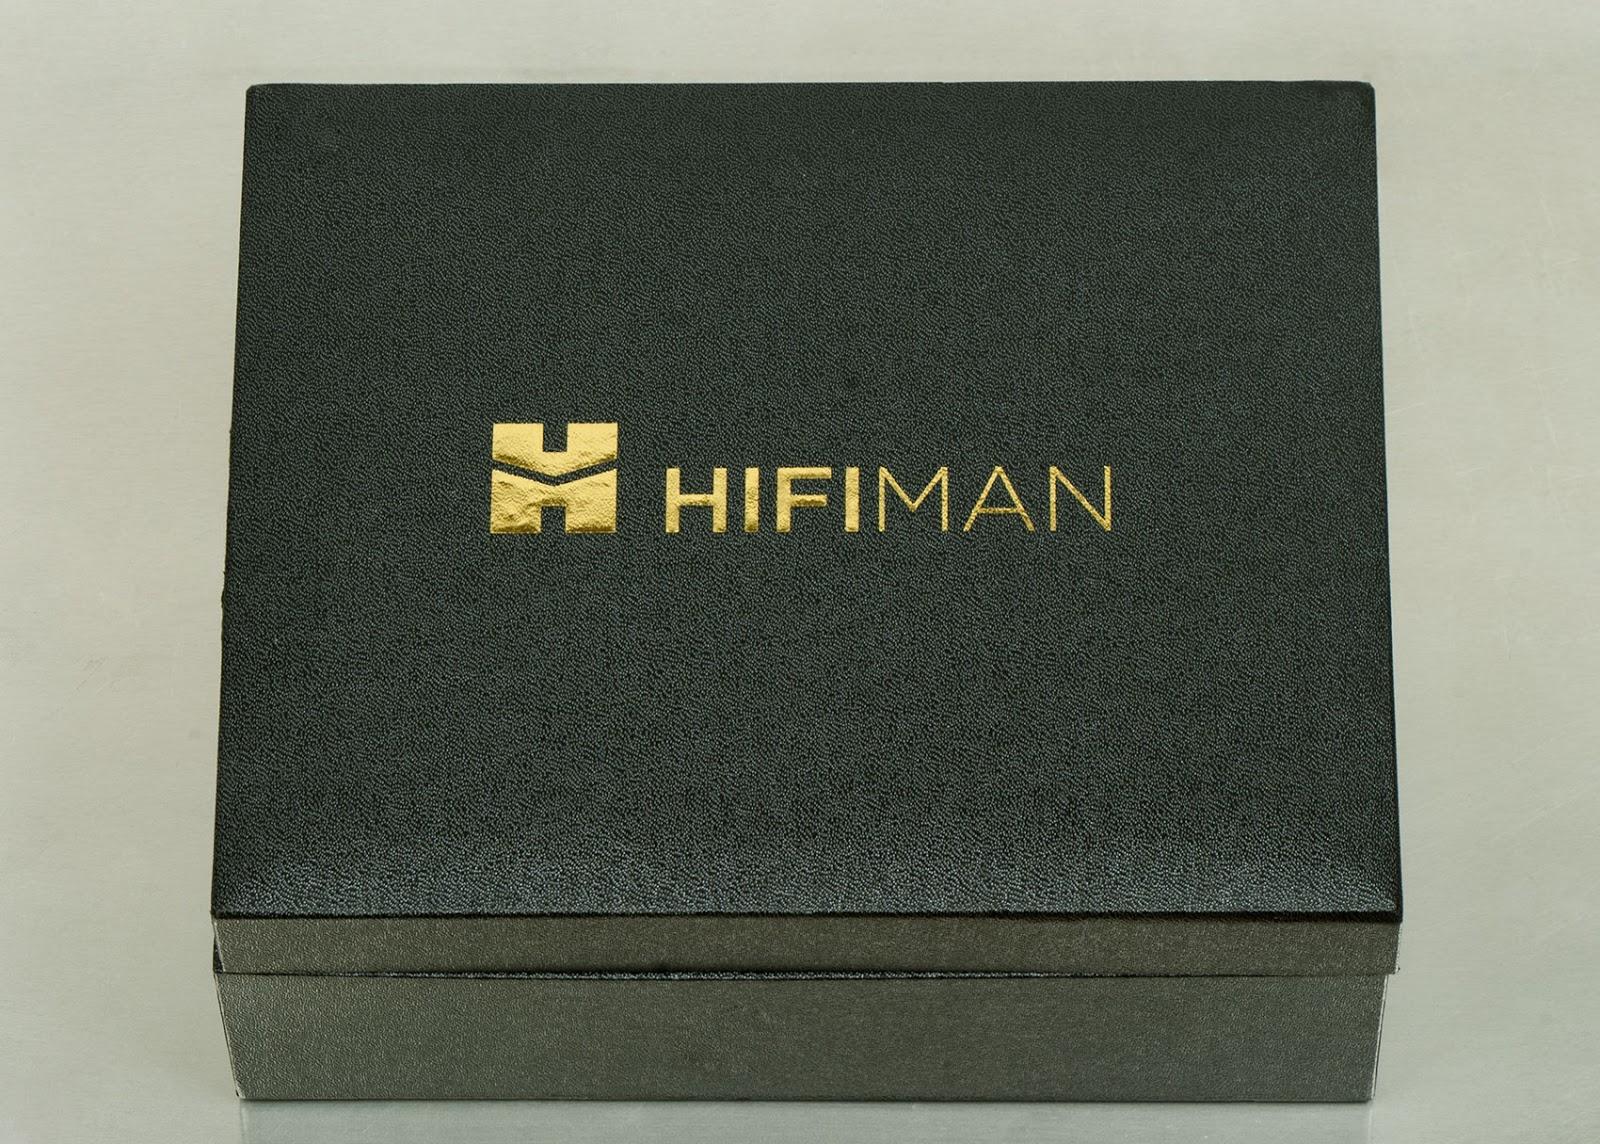 Обзор аудиоплеера HIFIMAN HM901U - 3